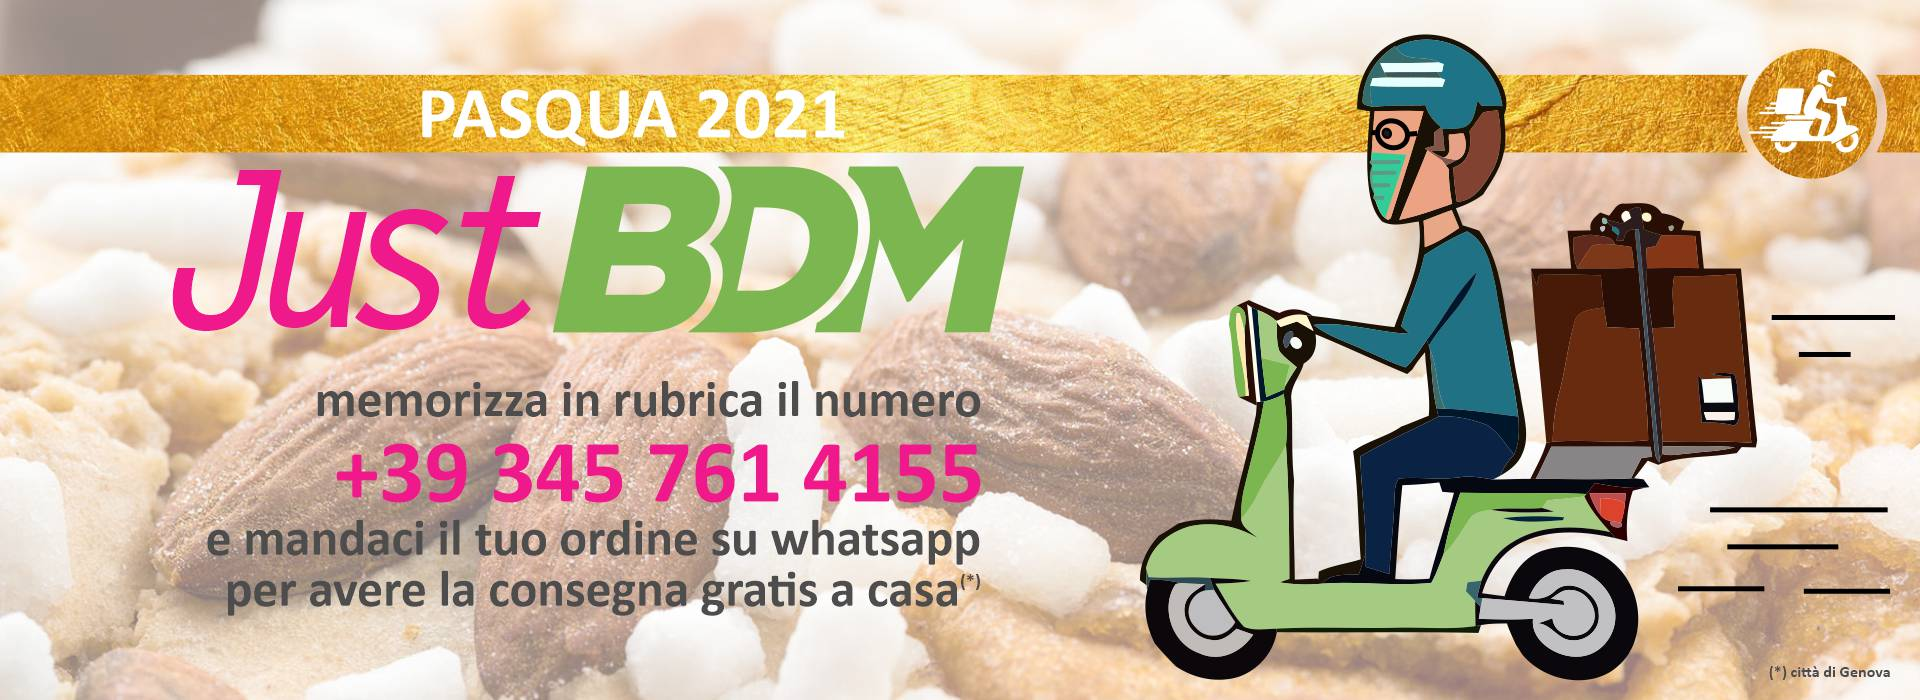 justBDM-pasqua2021